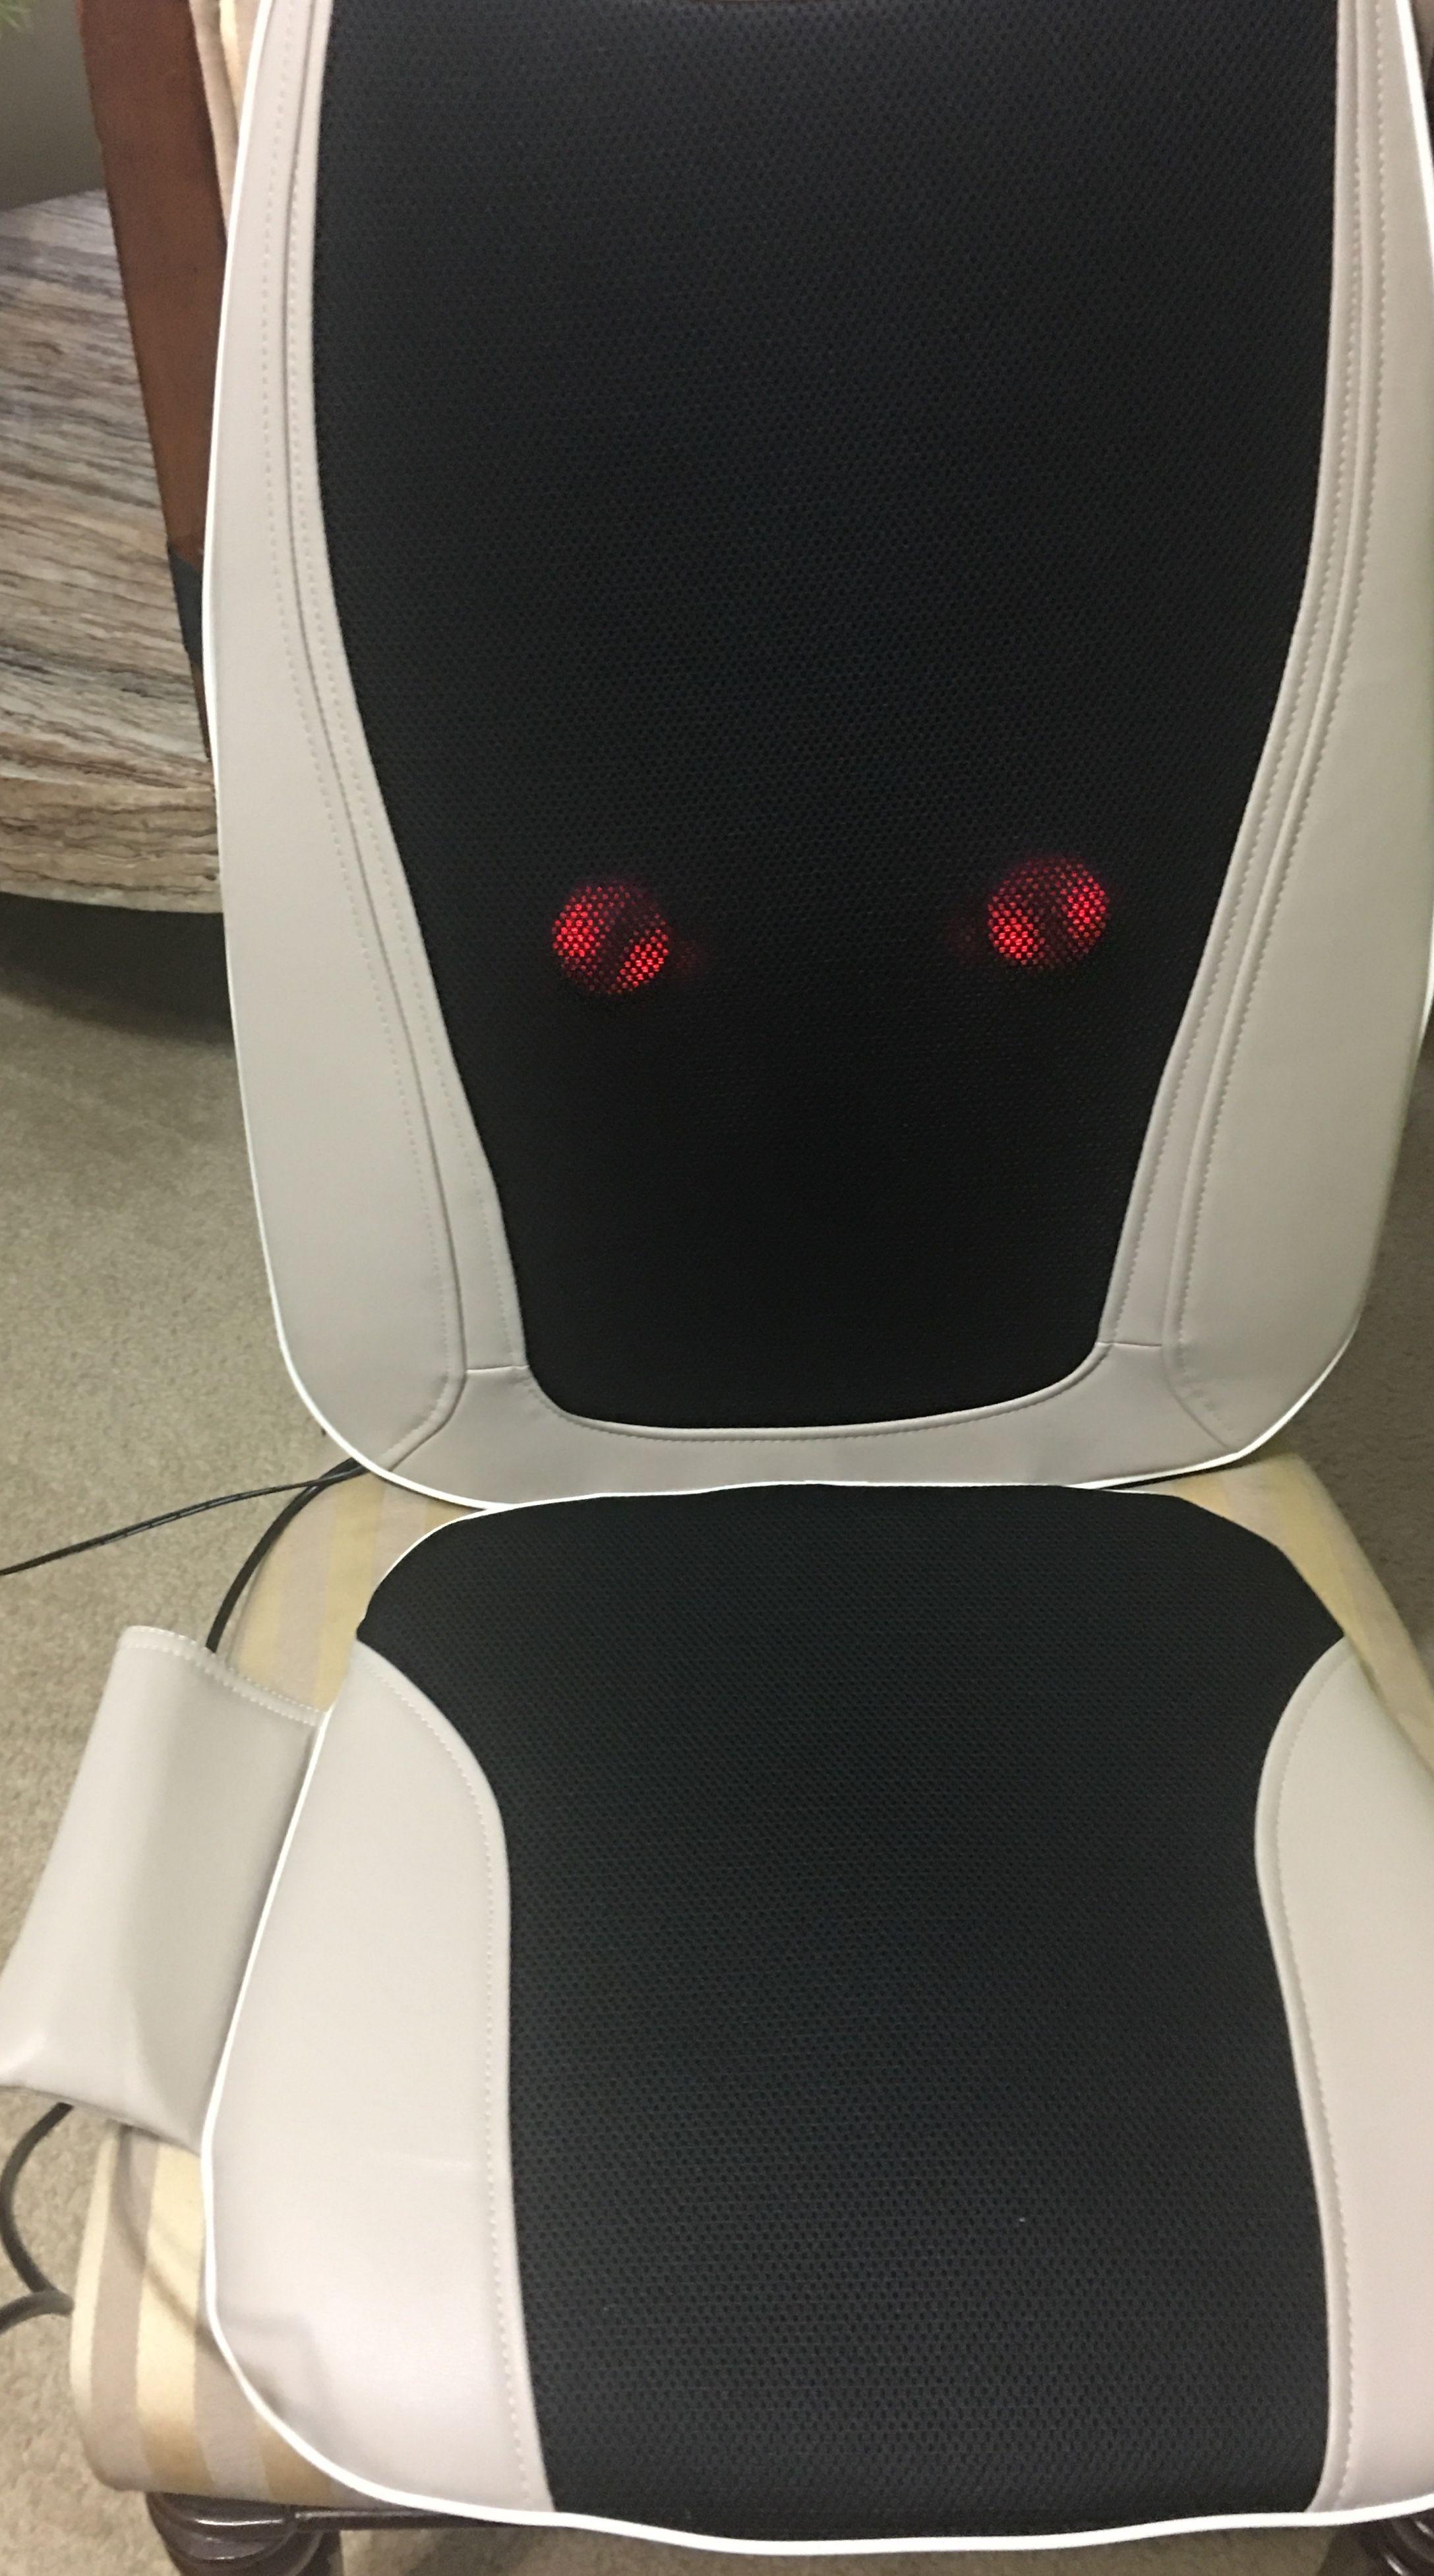 Belmint Seat Cushion Massager With Shiatsu Vibration And Heat Walmart Com Shiatsu Deep Tissue Massage Massage